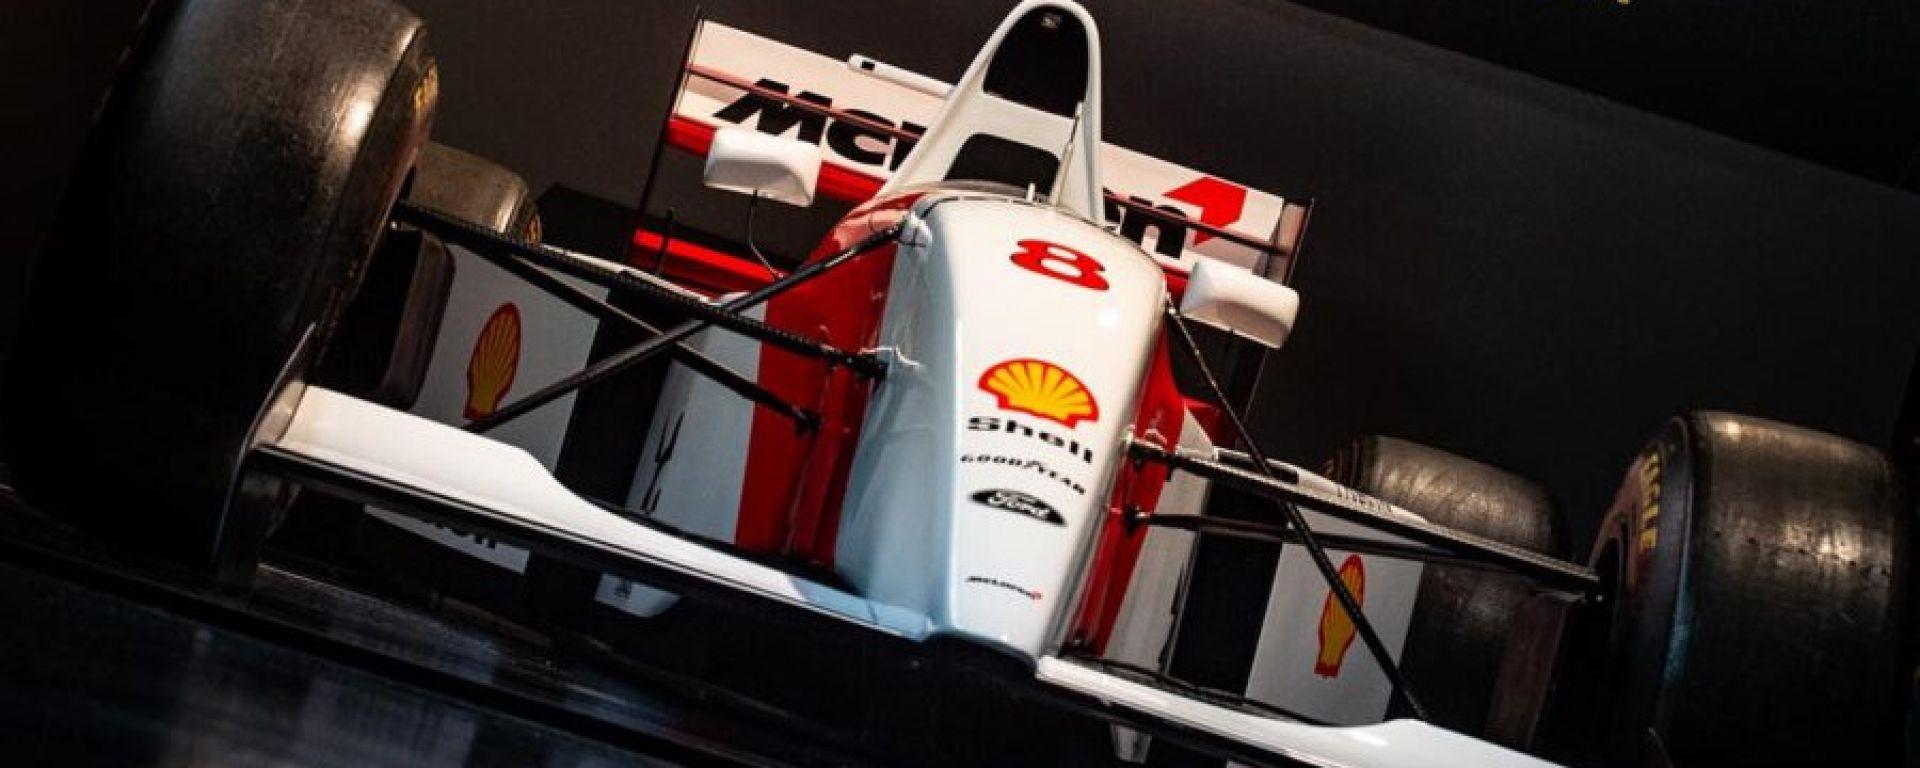 La mostra di Senna a Imola: dettaglio